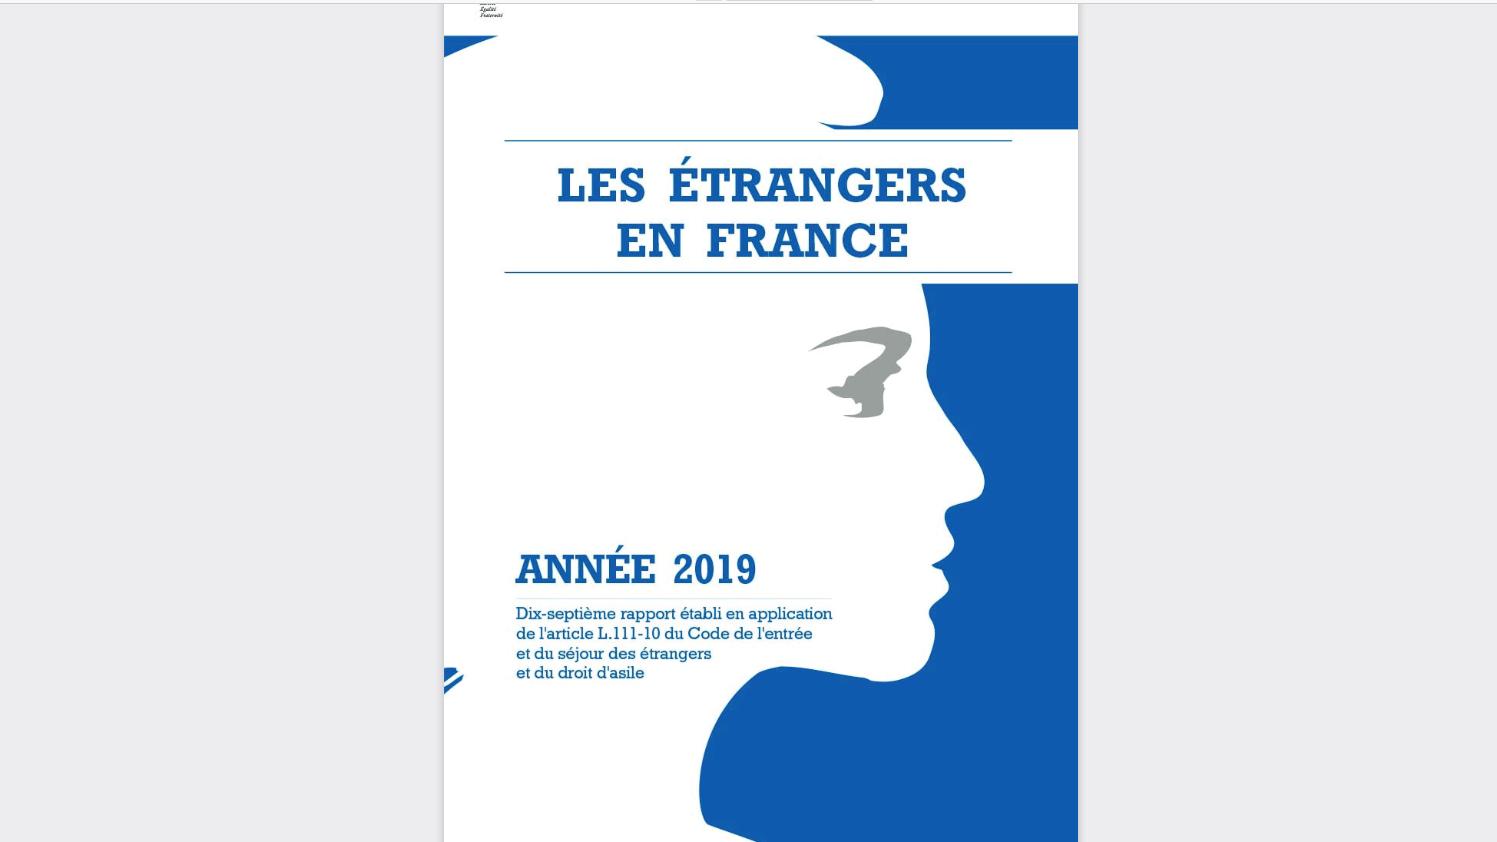 Le rapport du gouvernement sur les étrangers en 2019 : quelle conclusion ?